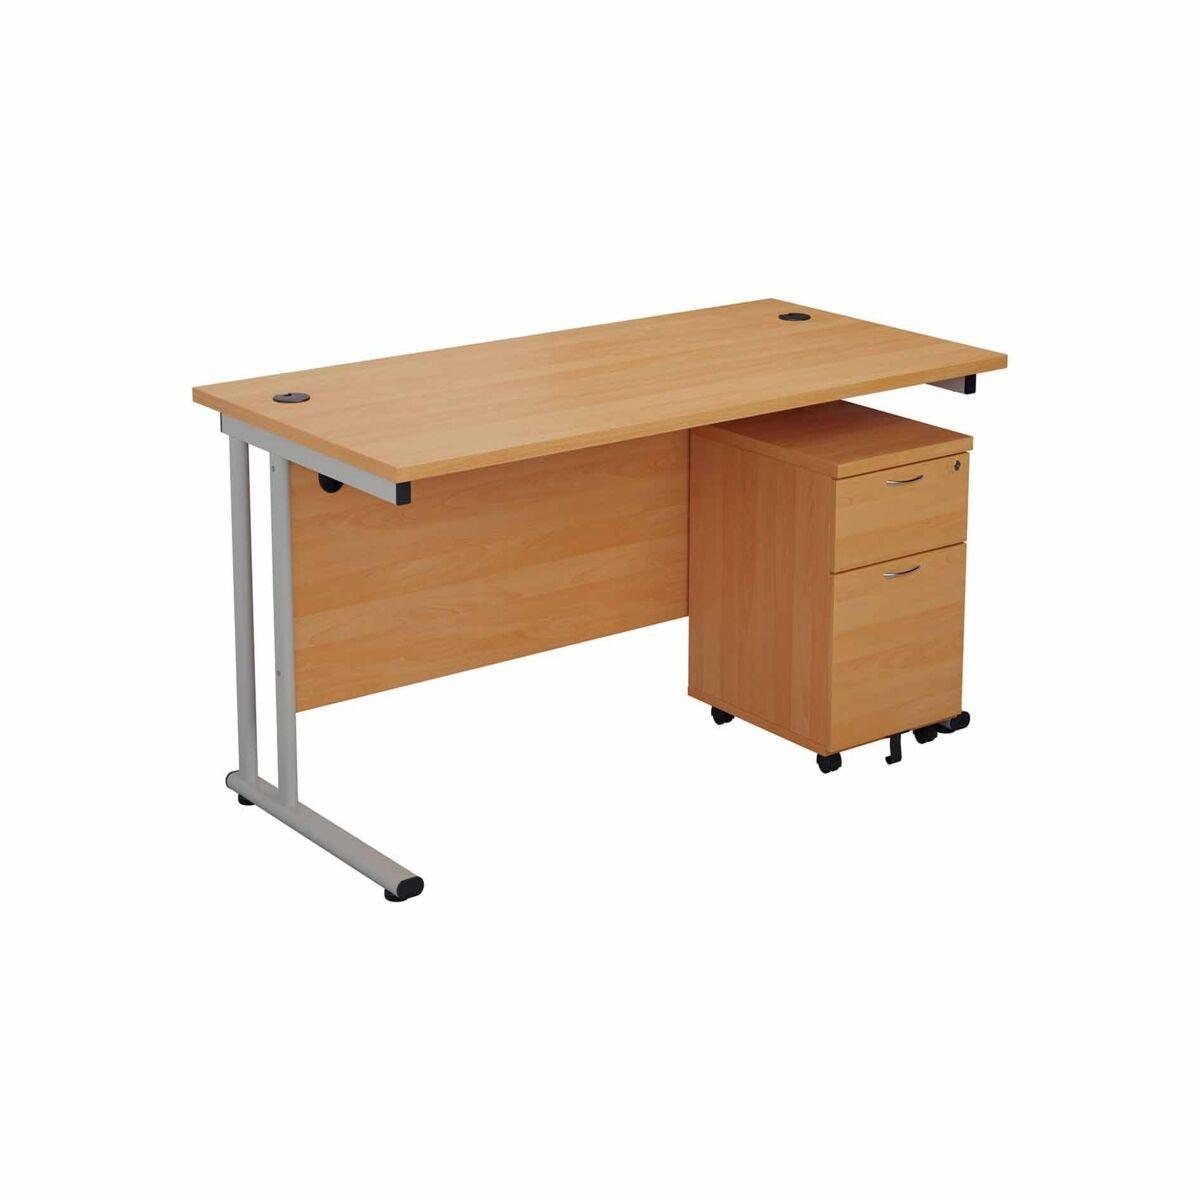 TC Office Start Silver Cantilever Frame Desk and 2 Drawer Mobile Pedestal Bundle 1400x800mm